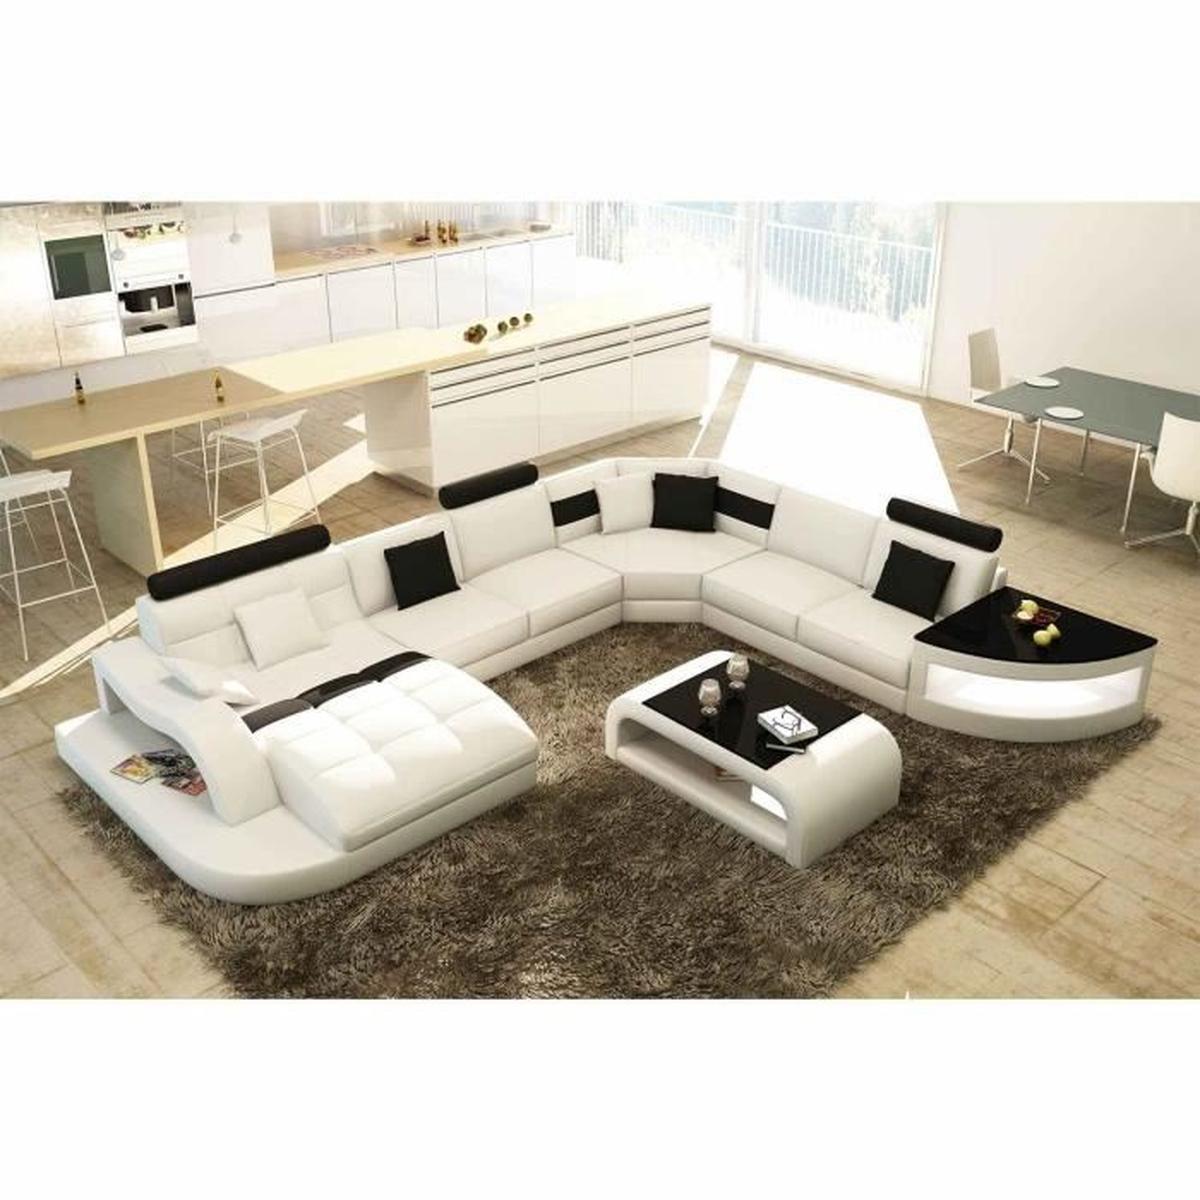 Canapé D'angle Design Panoramique Blanc Et Noir - Achat ... dedans Canapé Blanc Et Noir